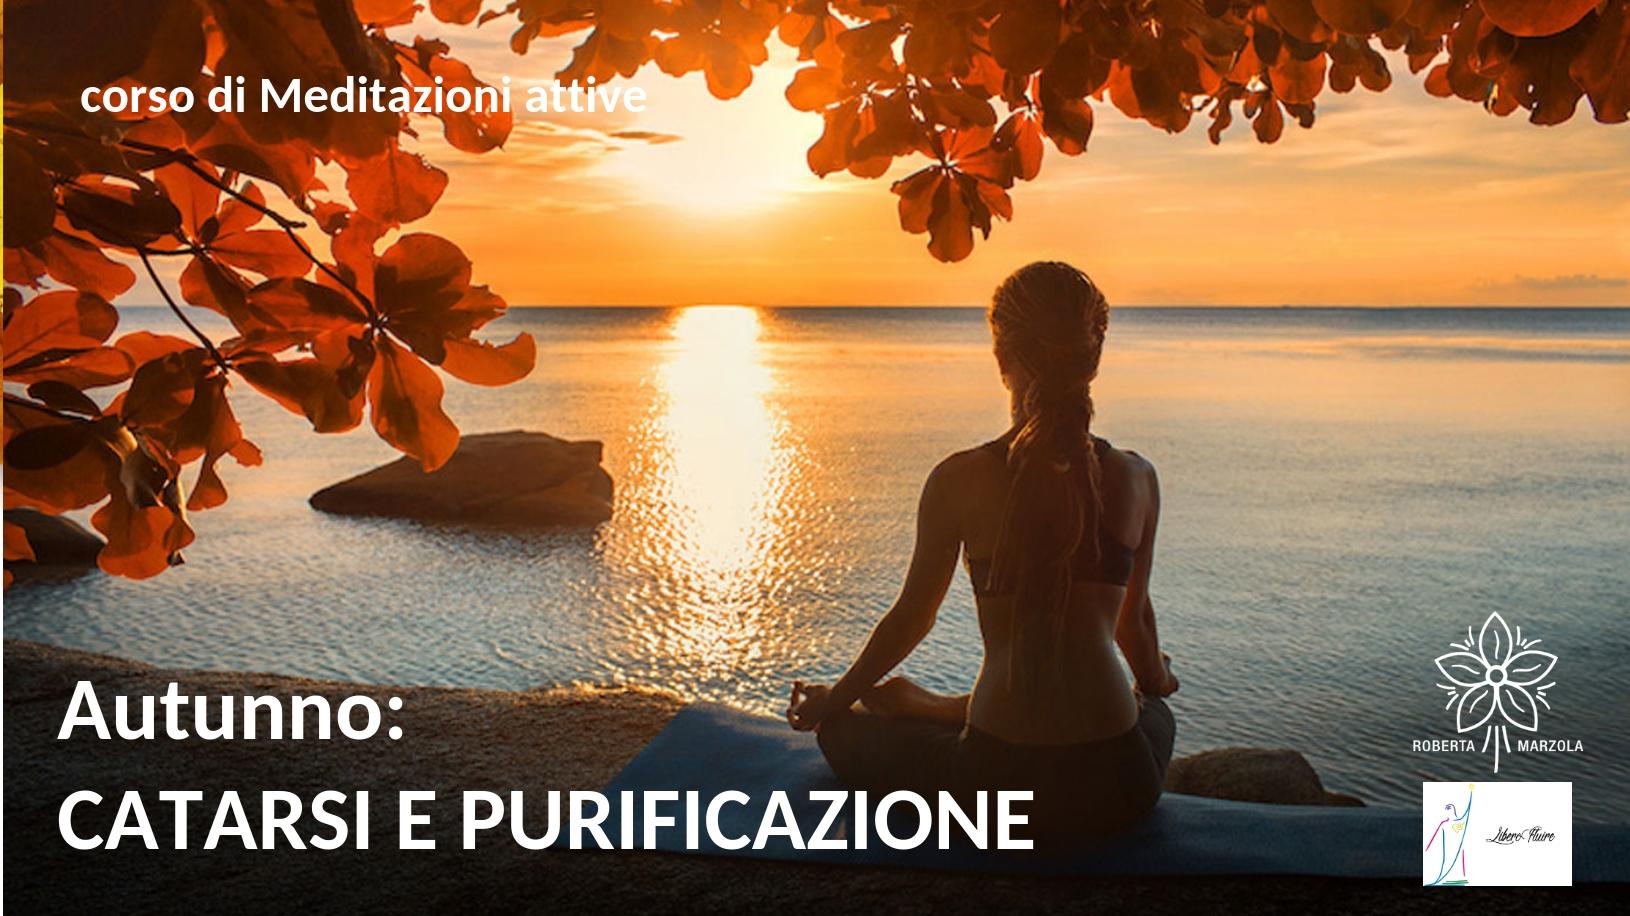 corso meditazioni attive a Treviso - catarsi purificazione